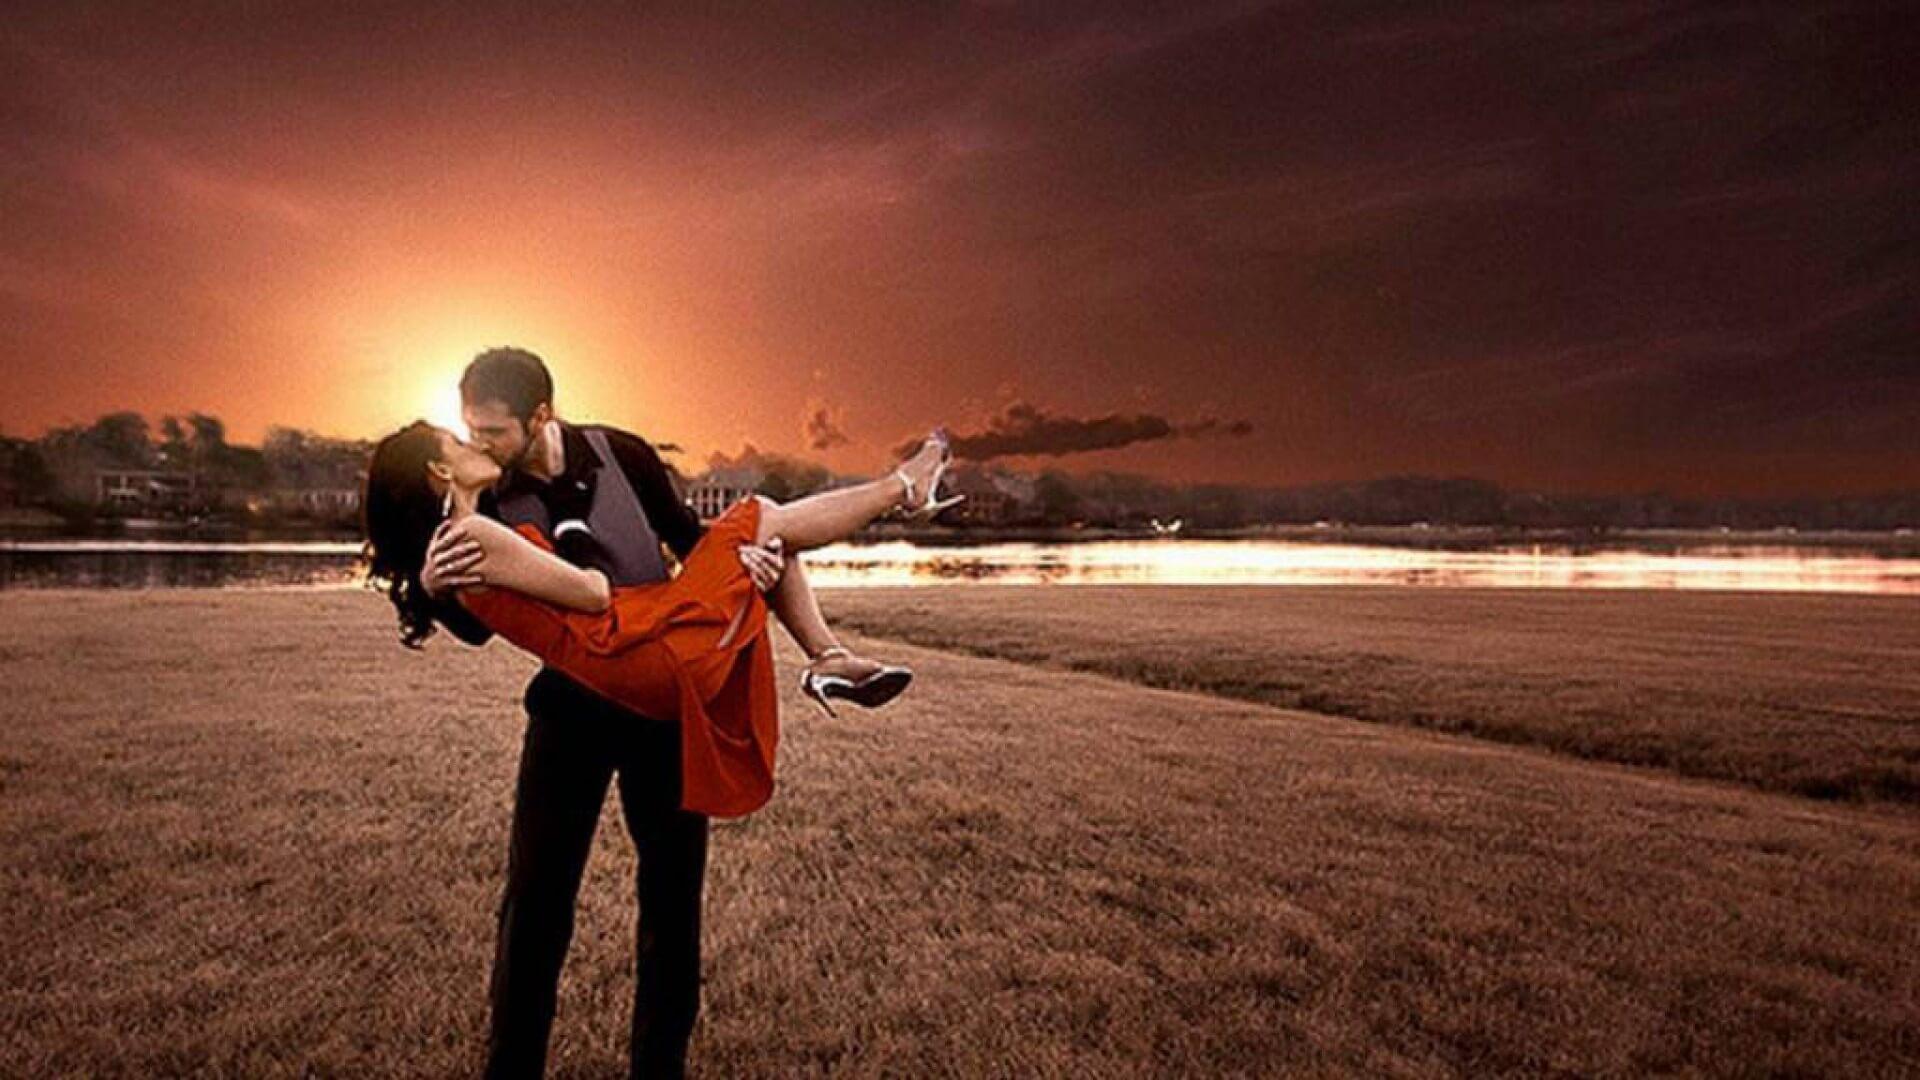 incantesimi d'amore efficacissimi